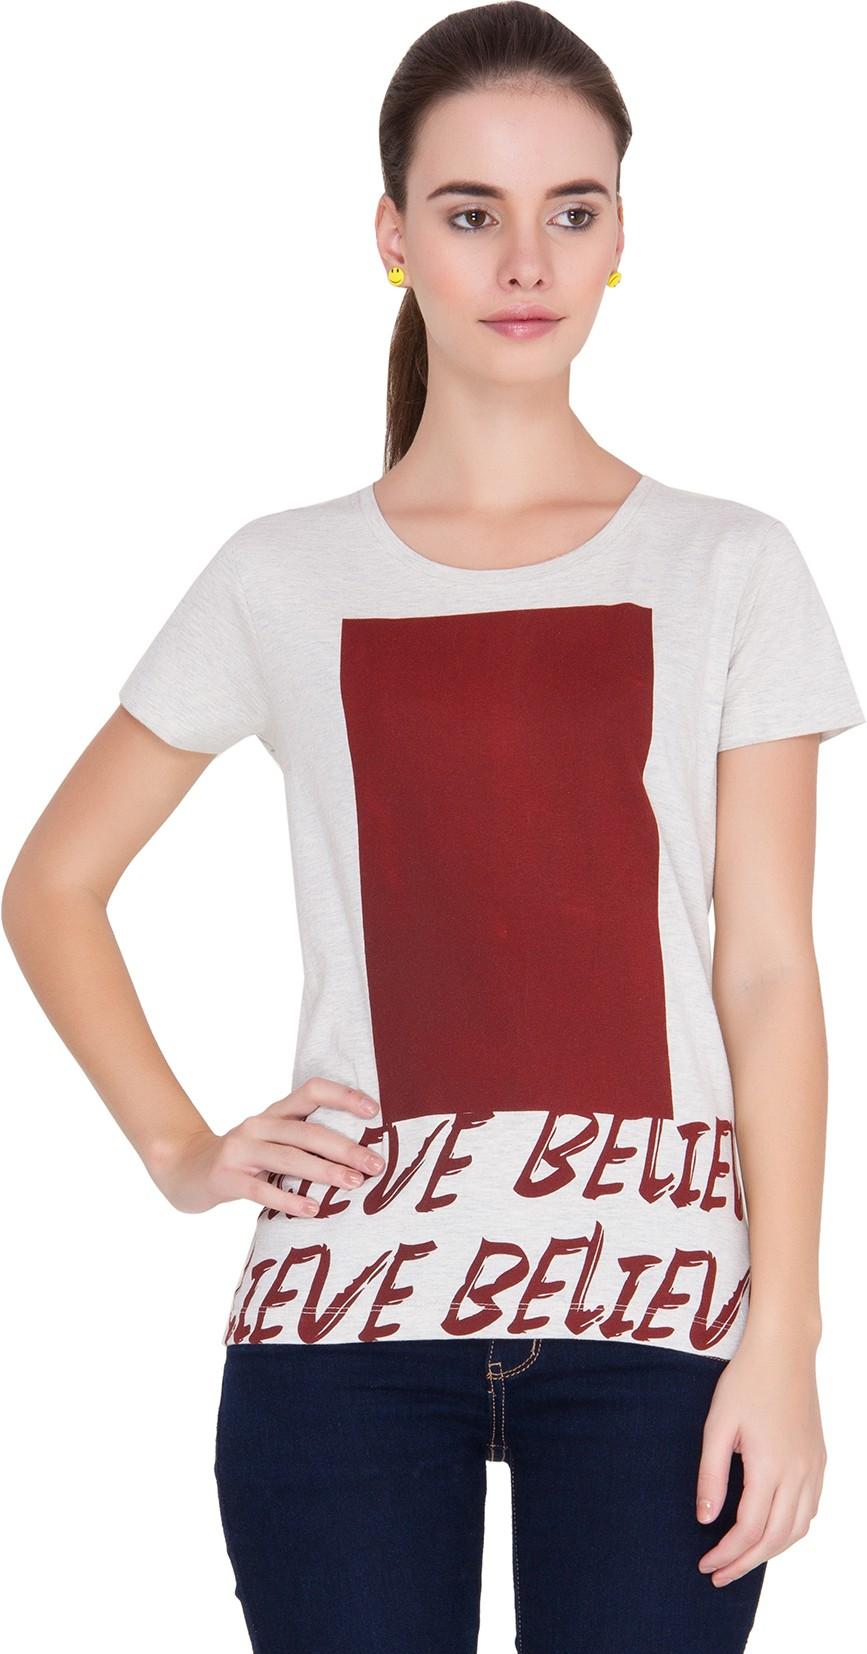 Alibi Printed Womens Round Neck T Shirt